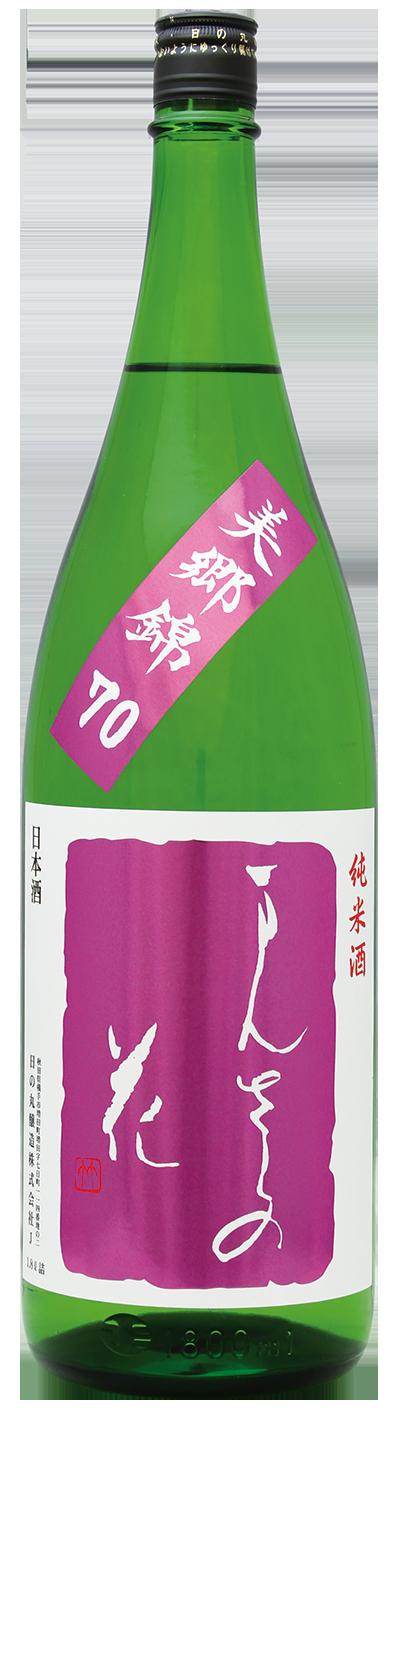 巡米酒 まんさくの花 美郷錦70